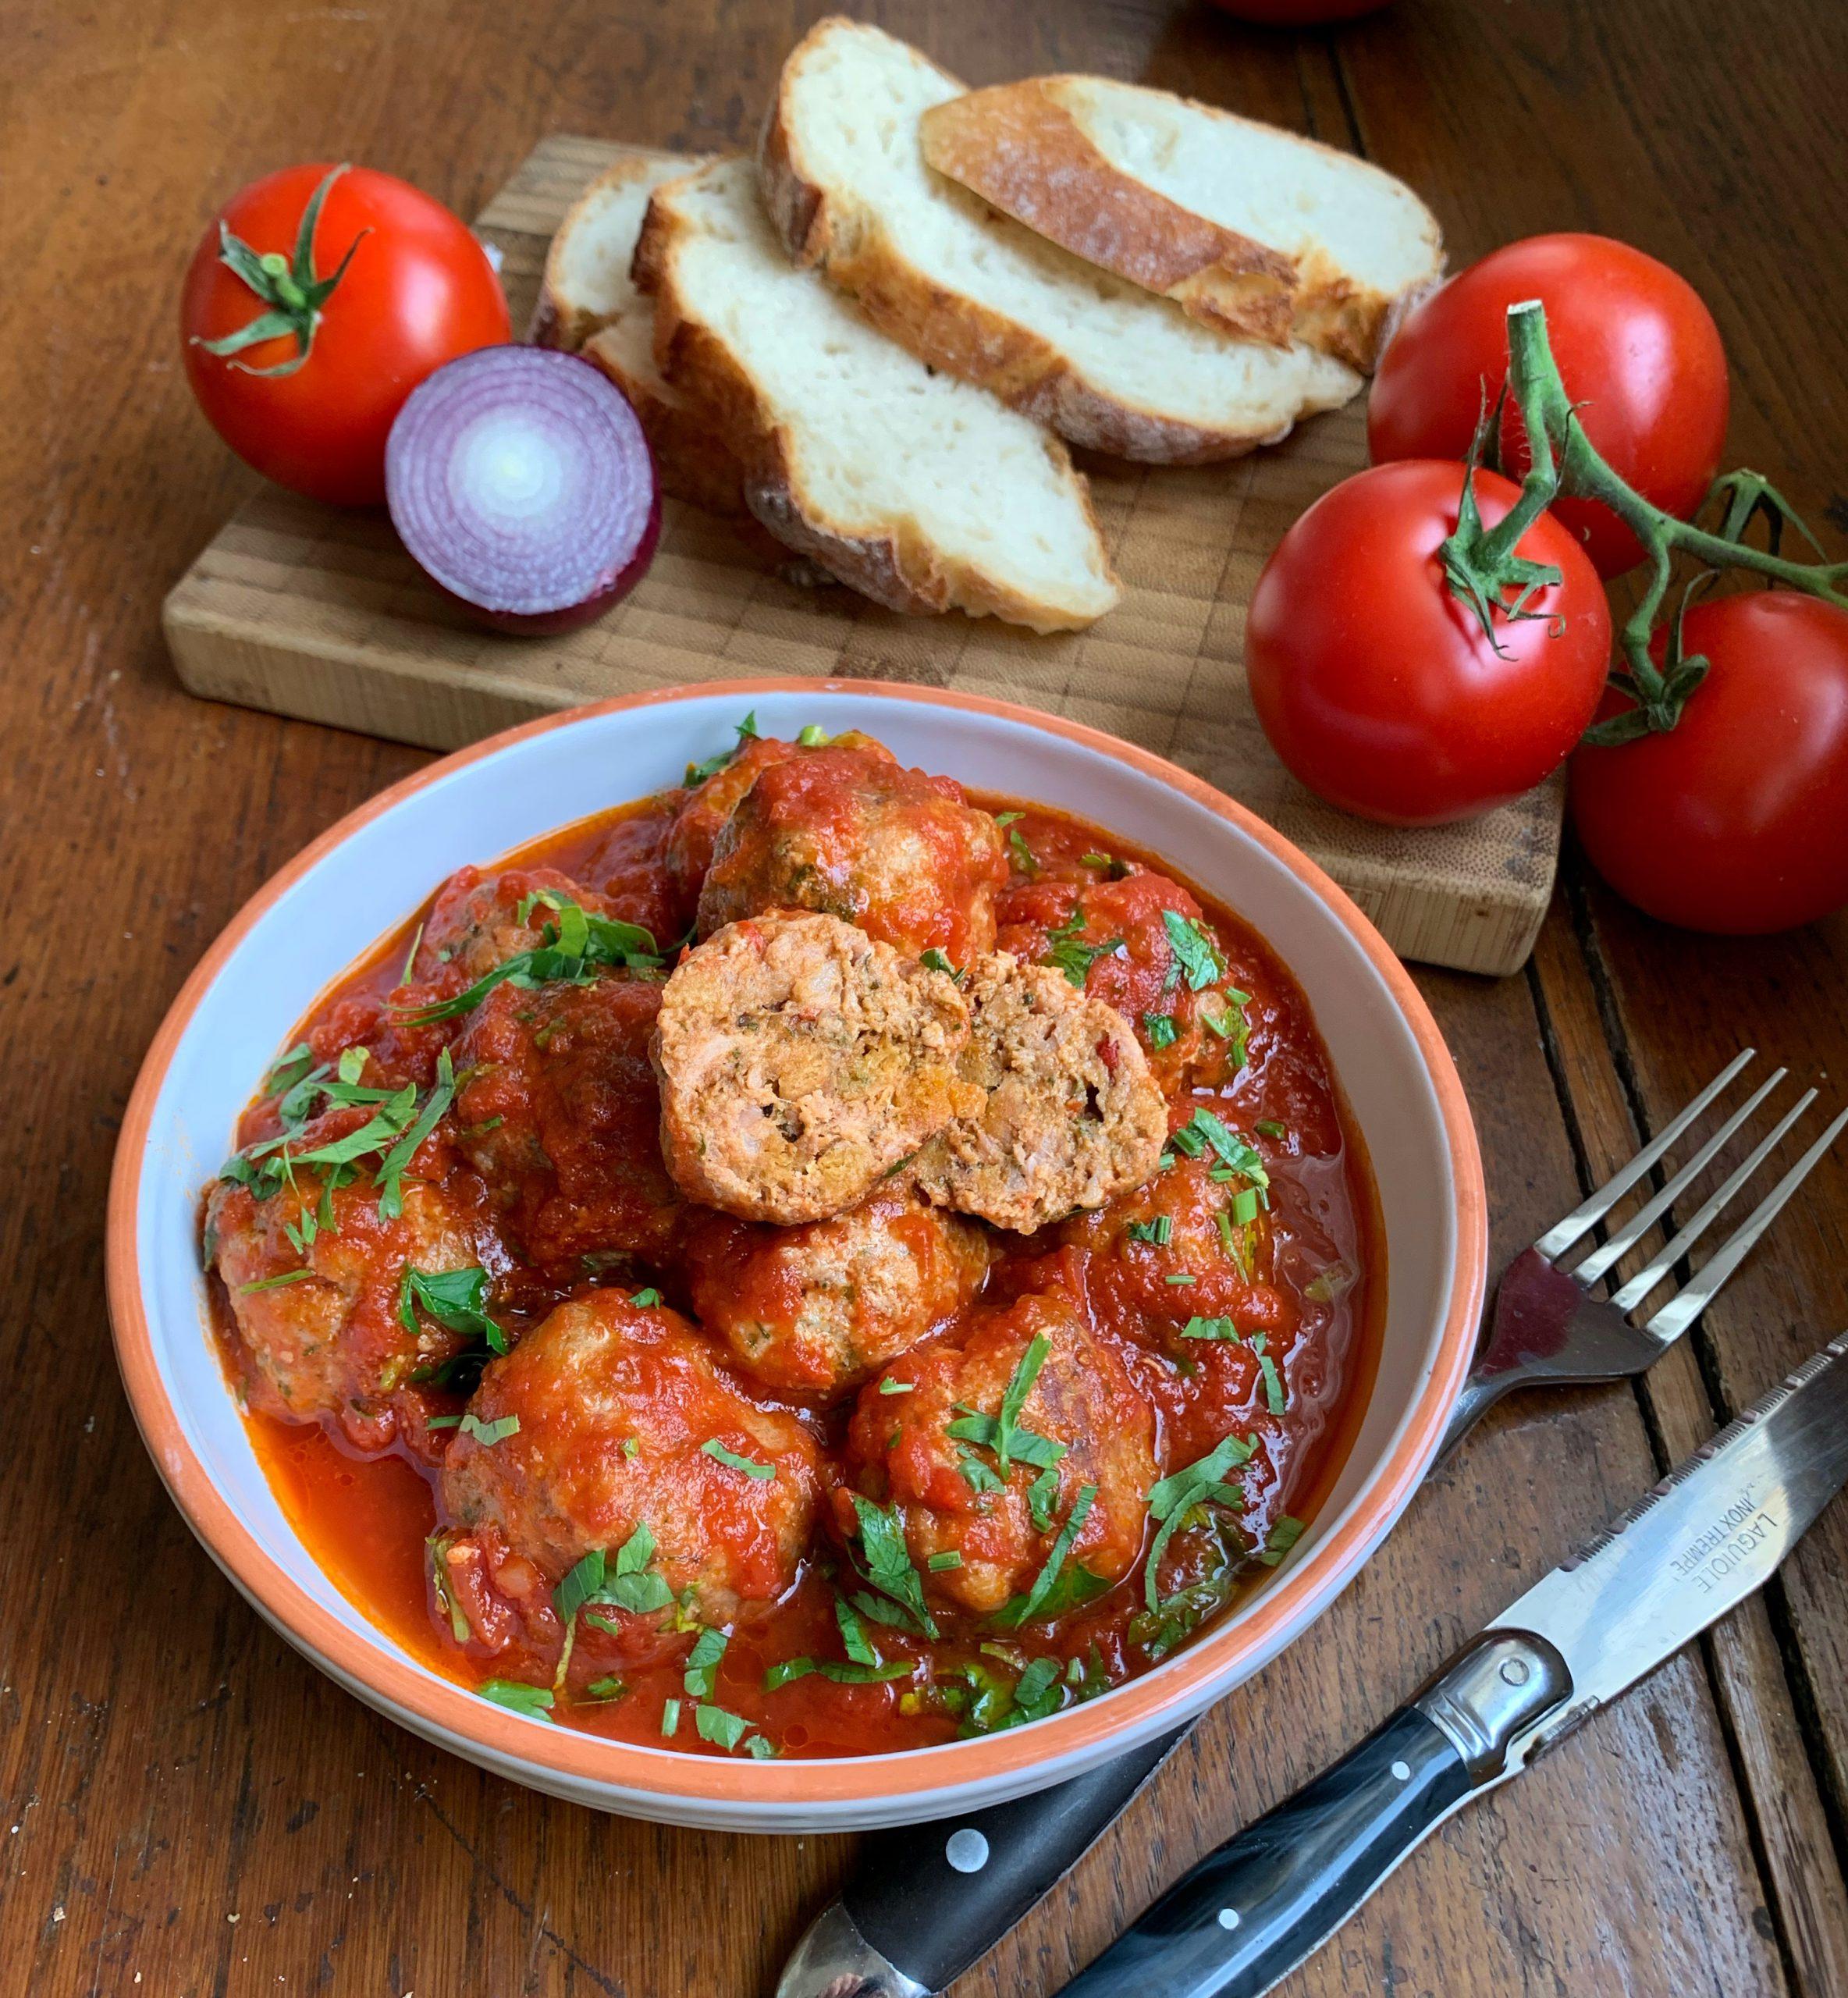 Pikante Hackbällchen in Tomatensoße